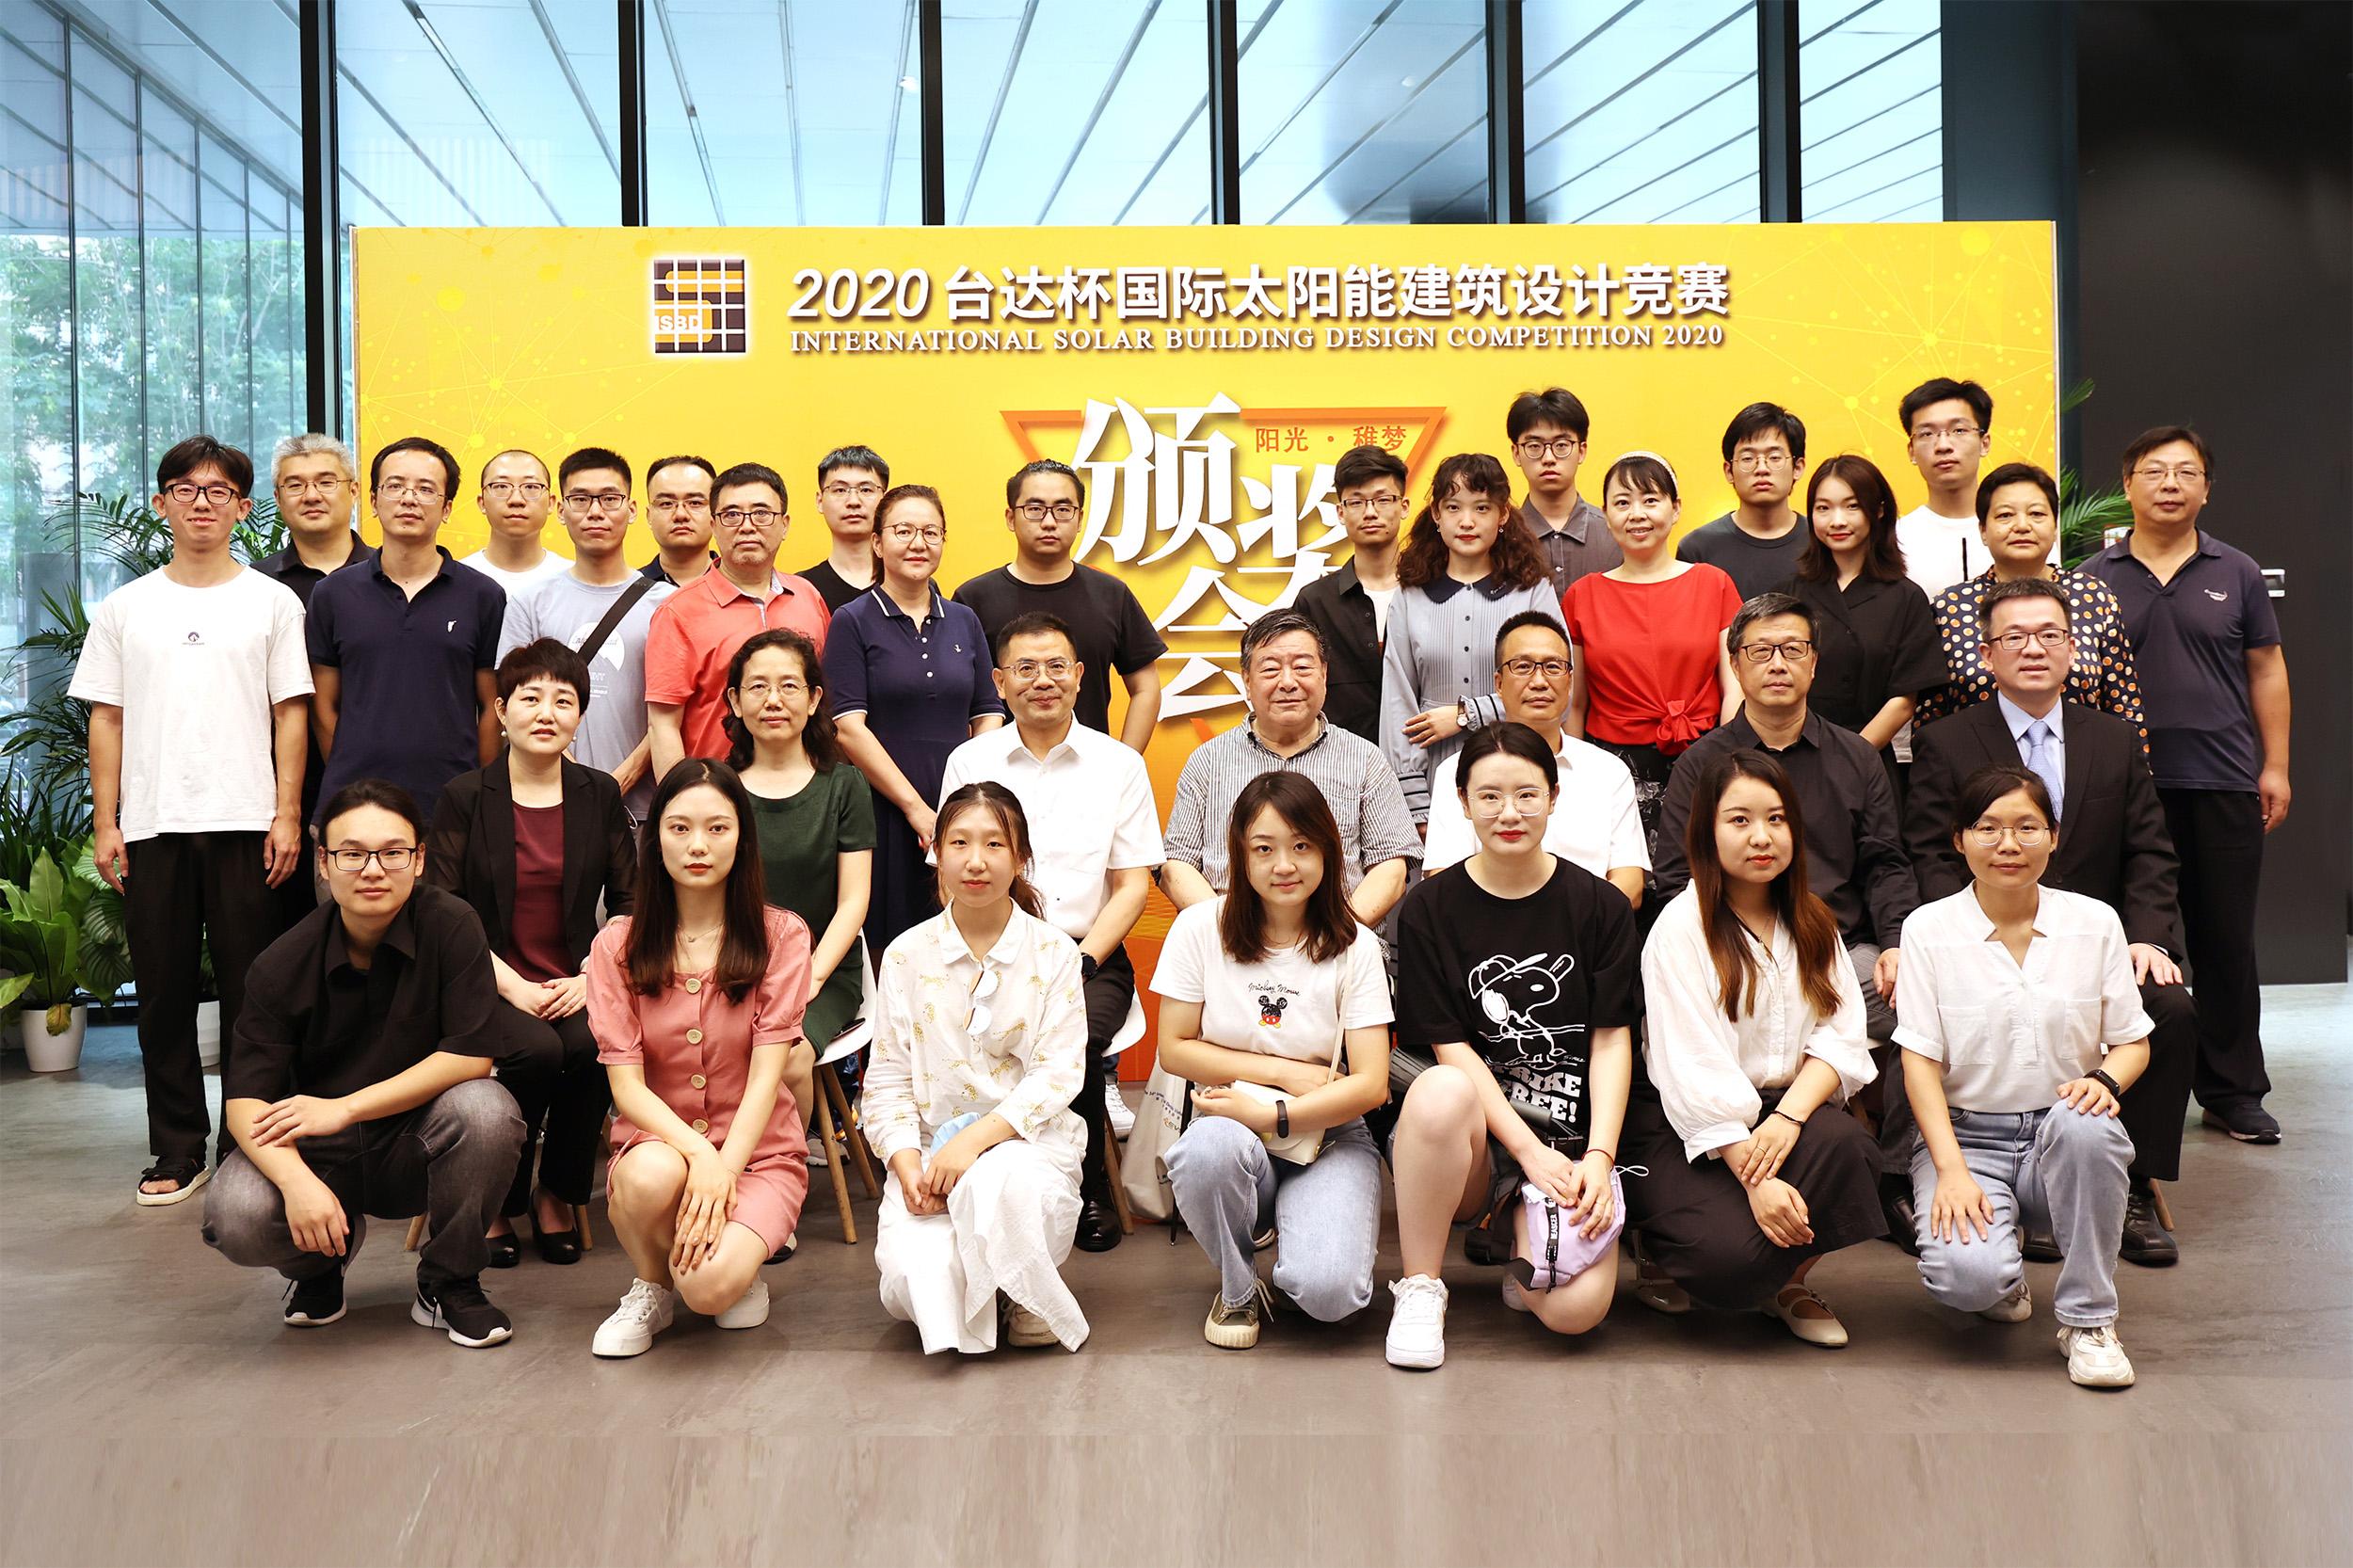 2020台达杯国际太阳能建筑设计竞赛颁奖会在京举办